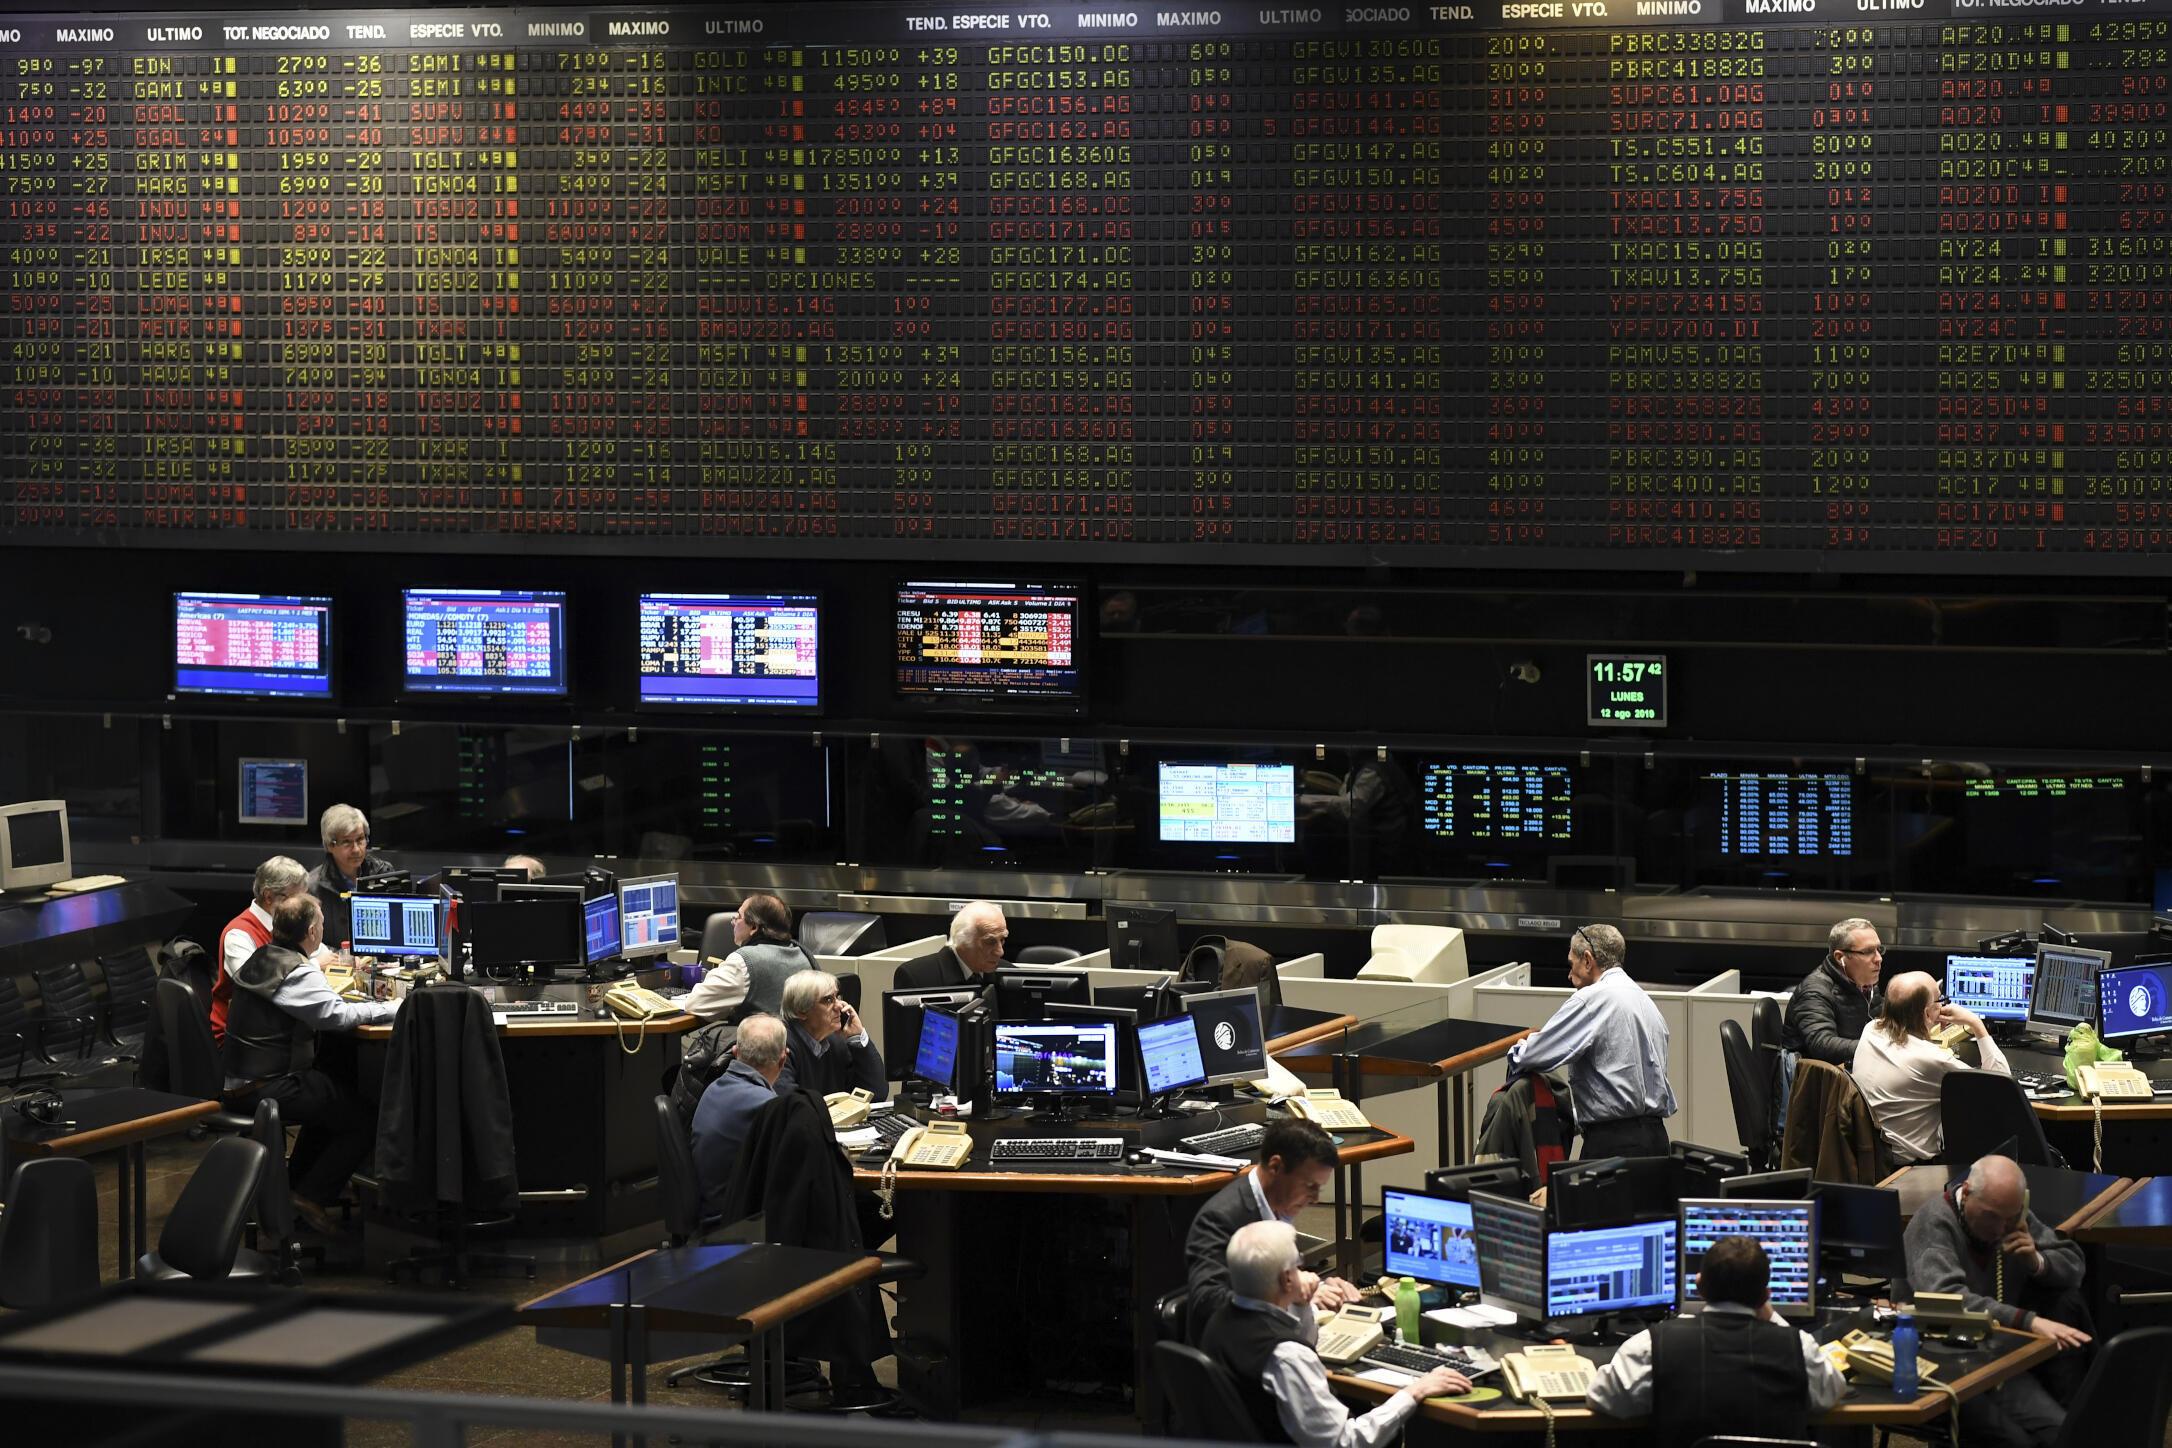 阿根廷股市8月12日暴跌近30%,在马克里于初选惨败后。